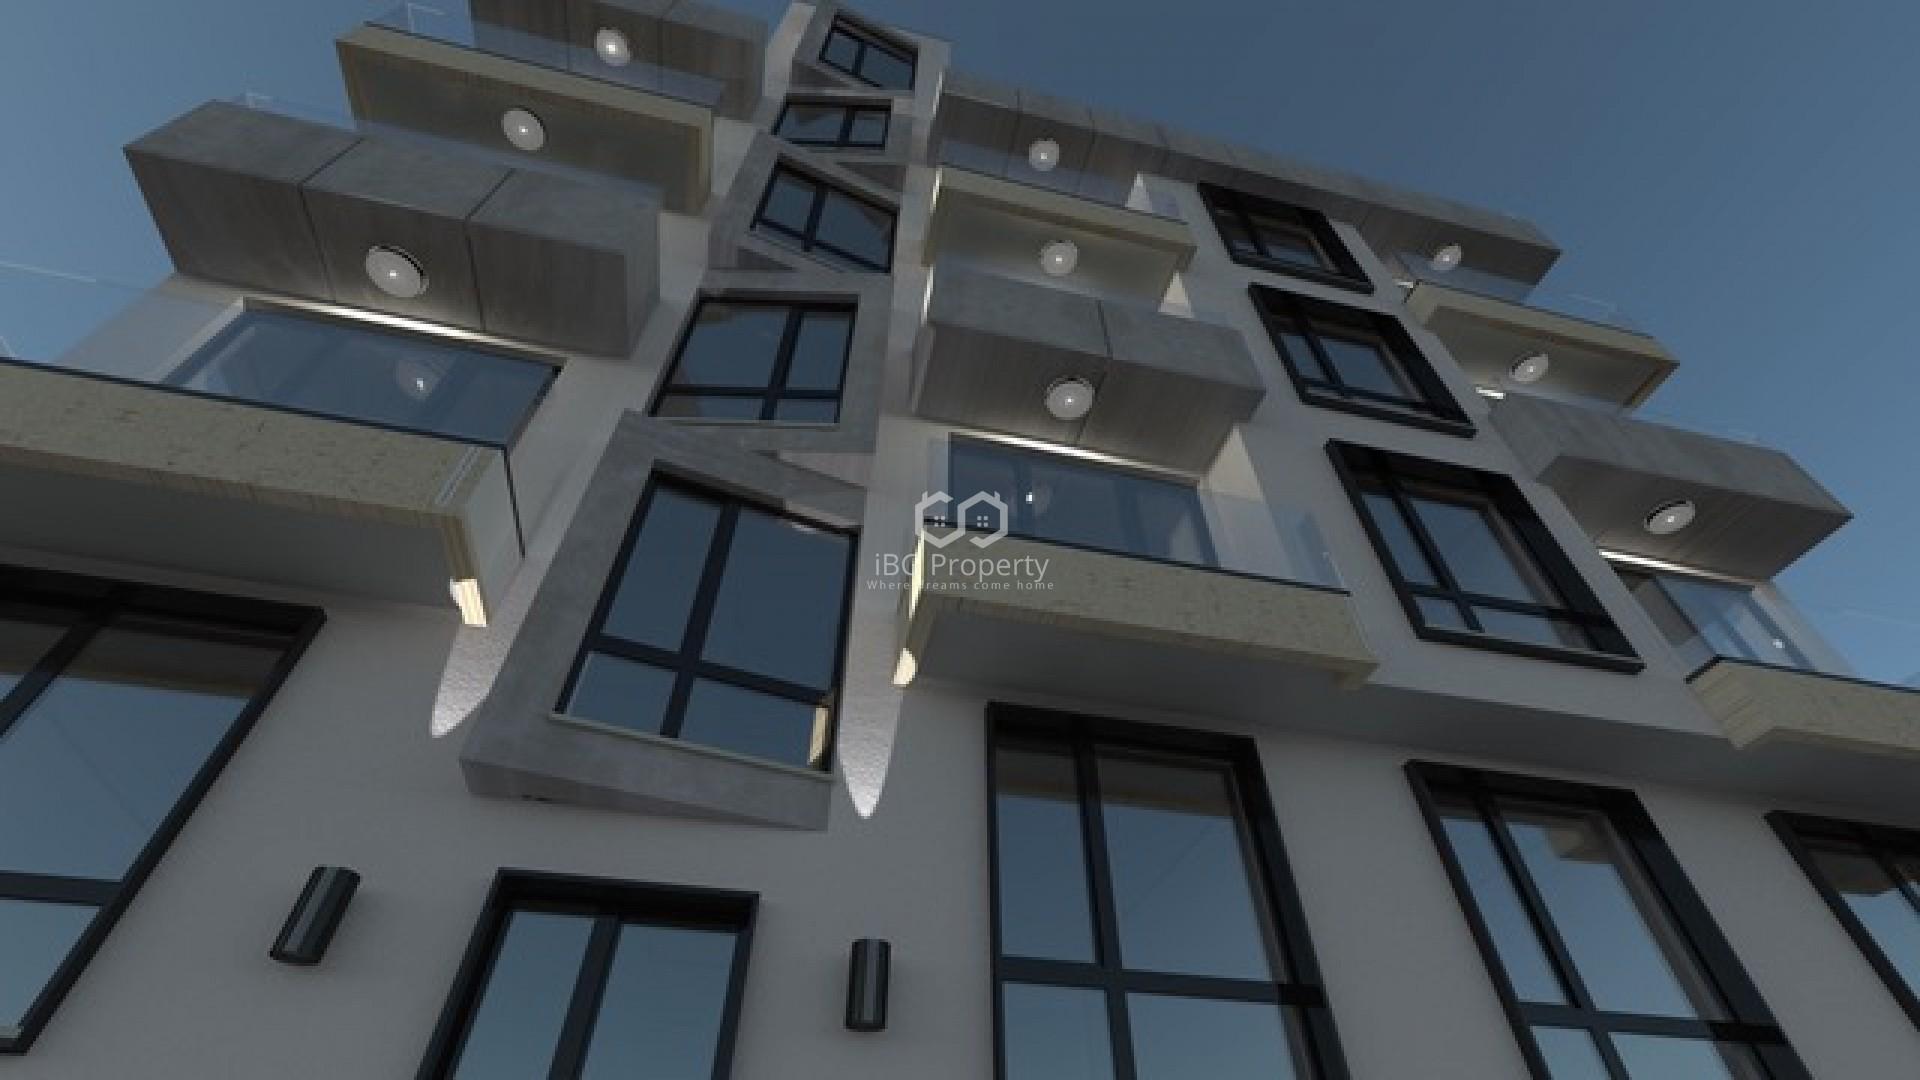 Двустаен апартамент Цветен квартал Варна 64 m2